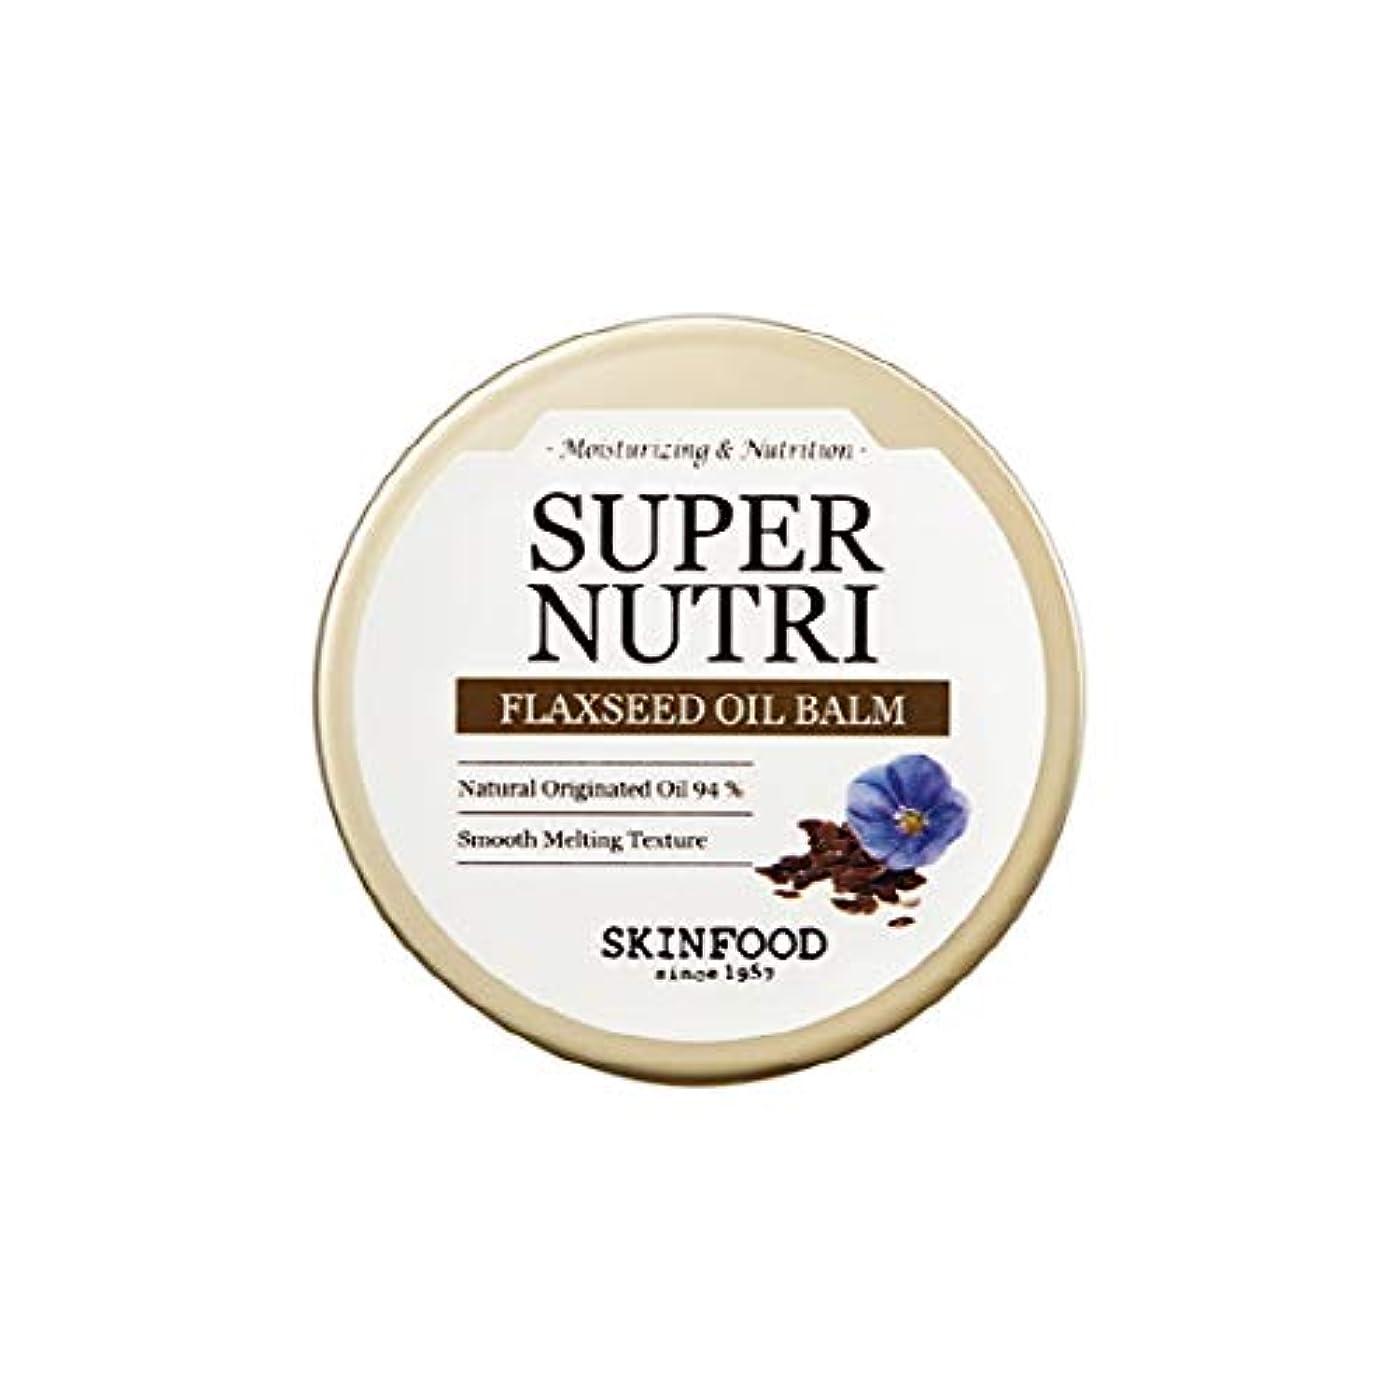 死の顎ミシン目アンカーSkinfood スーパーニュートリフラックスシードオイルバーム/SUPER NUTRI FLAXSEED OIL BALM 20g [並行輸入品]